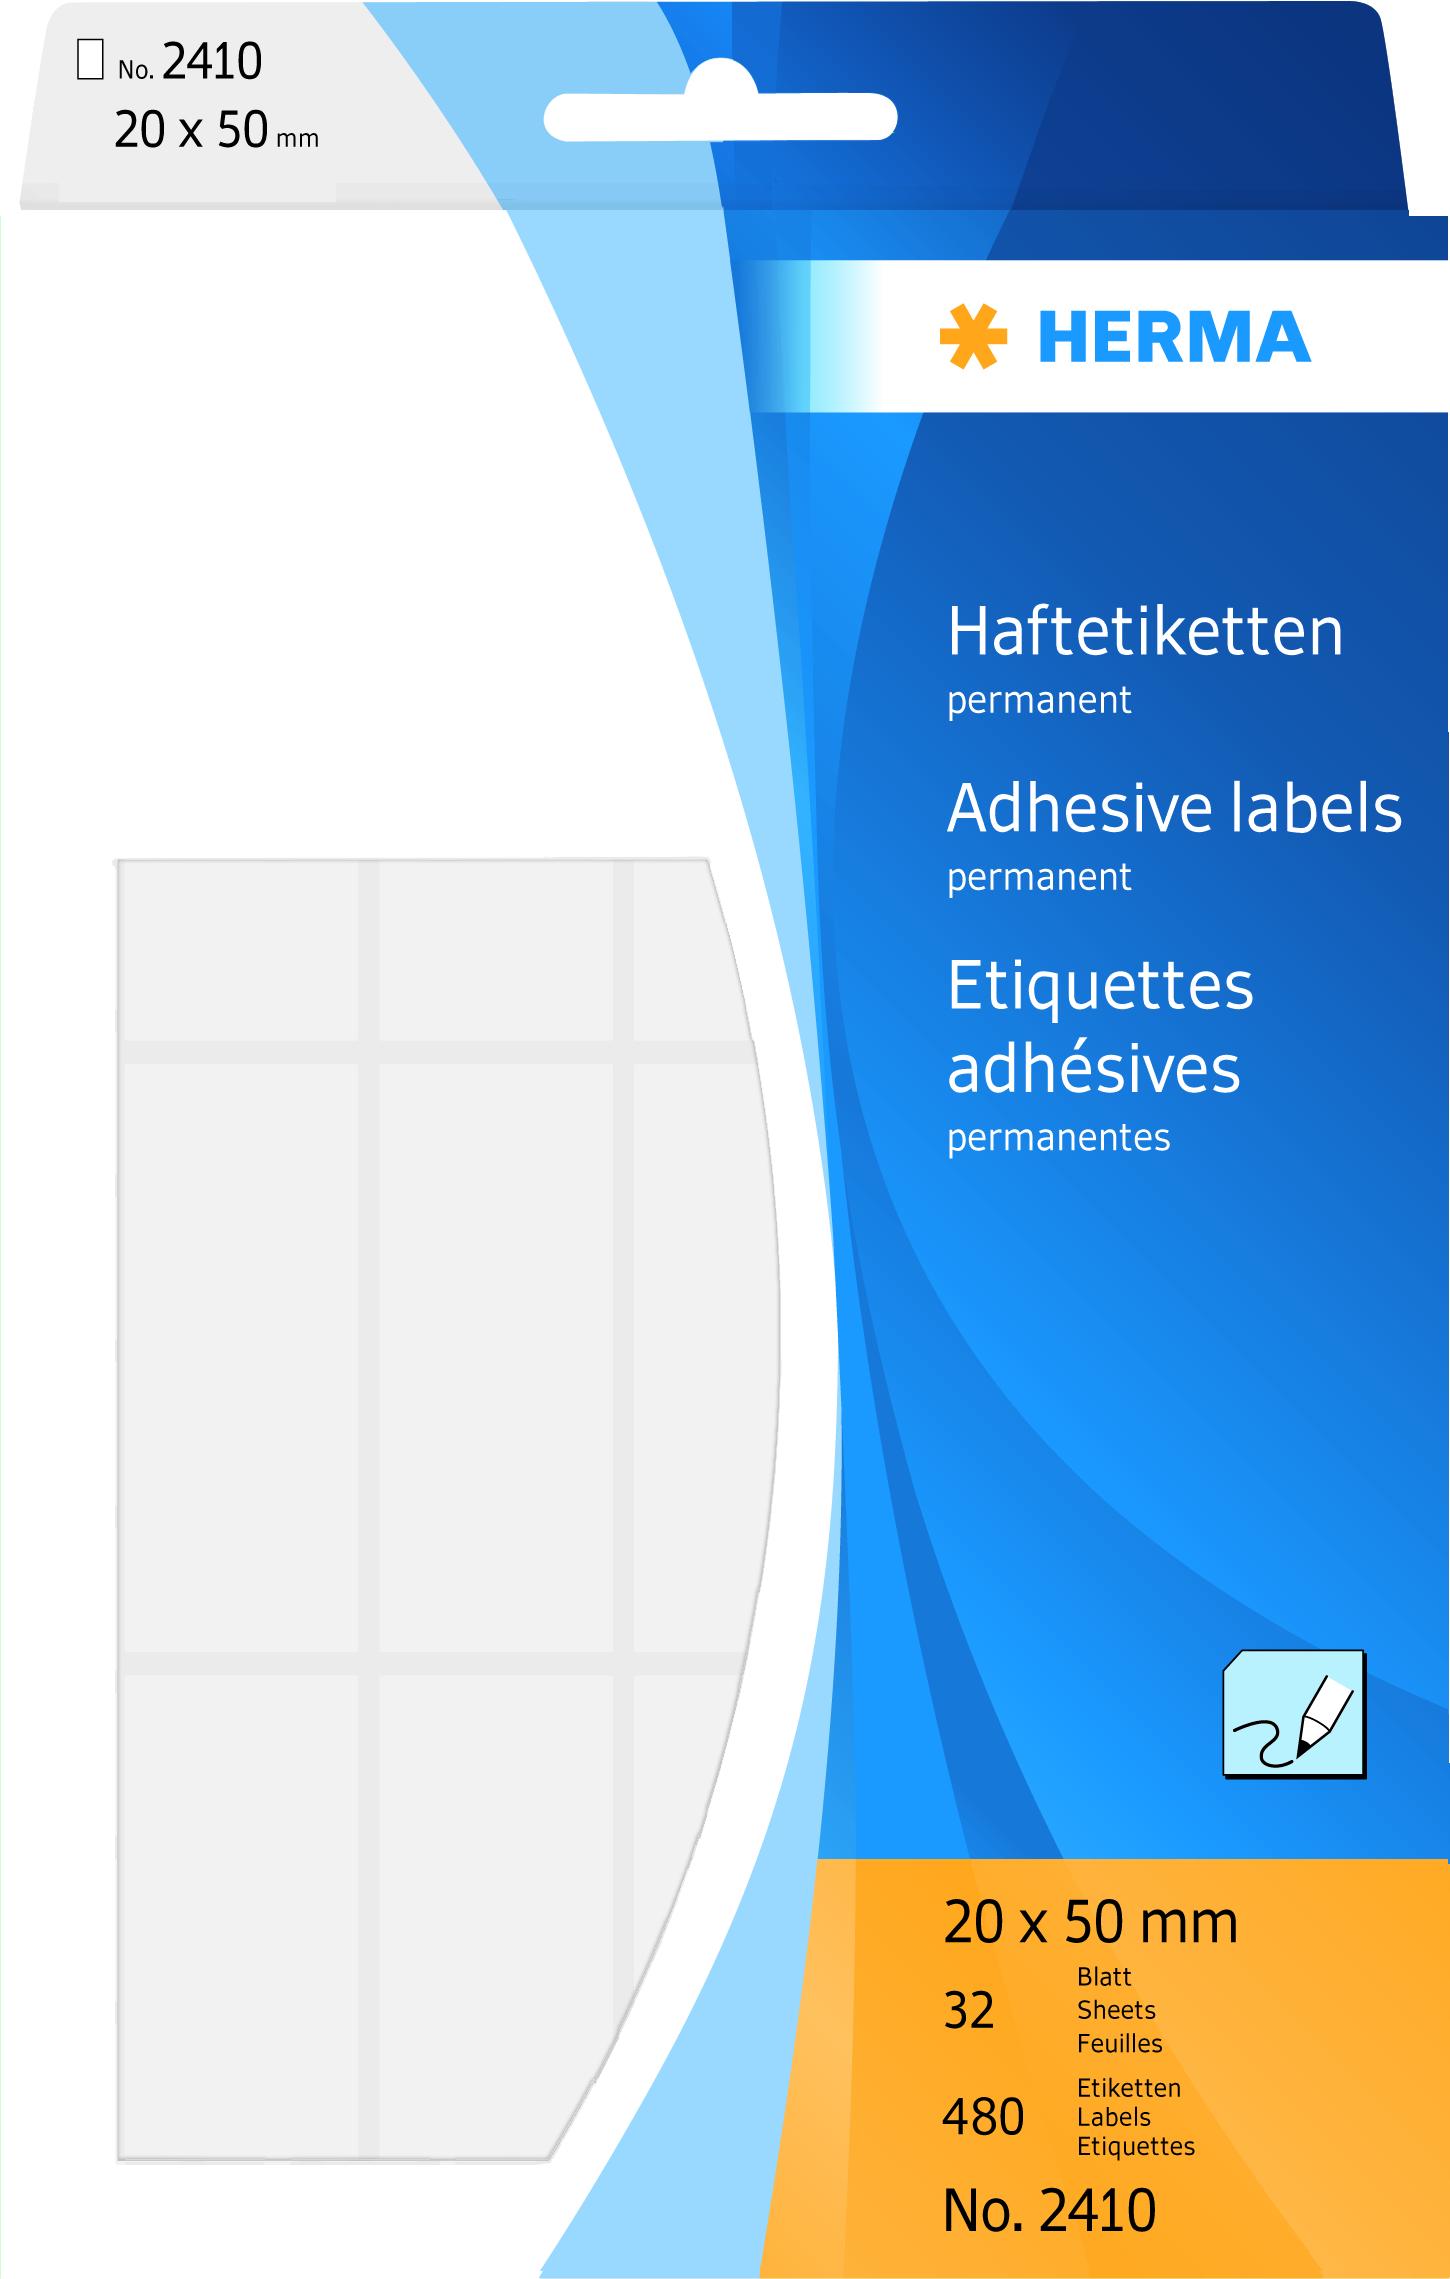 HERMA 2410-480 Vielzwecketiketten 20 x 50 mm zur Handbeschriftung weiß